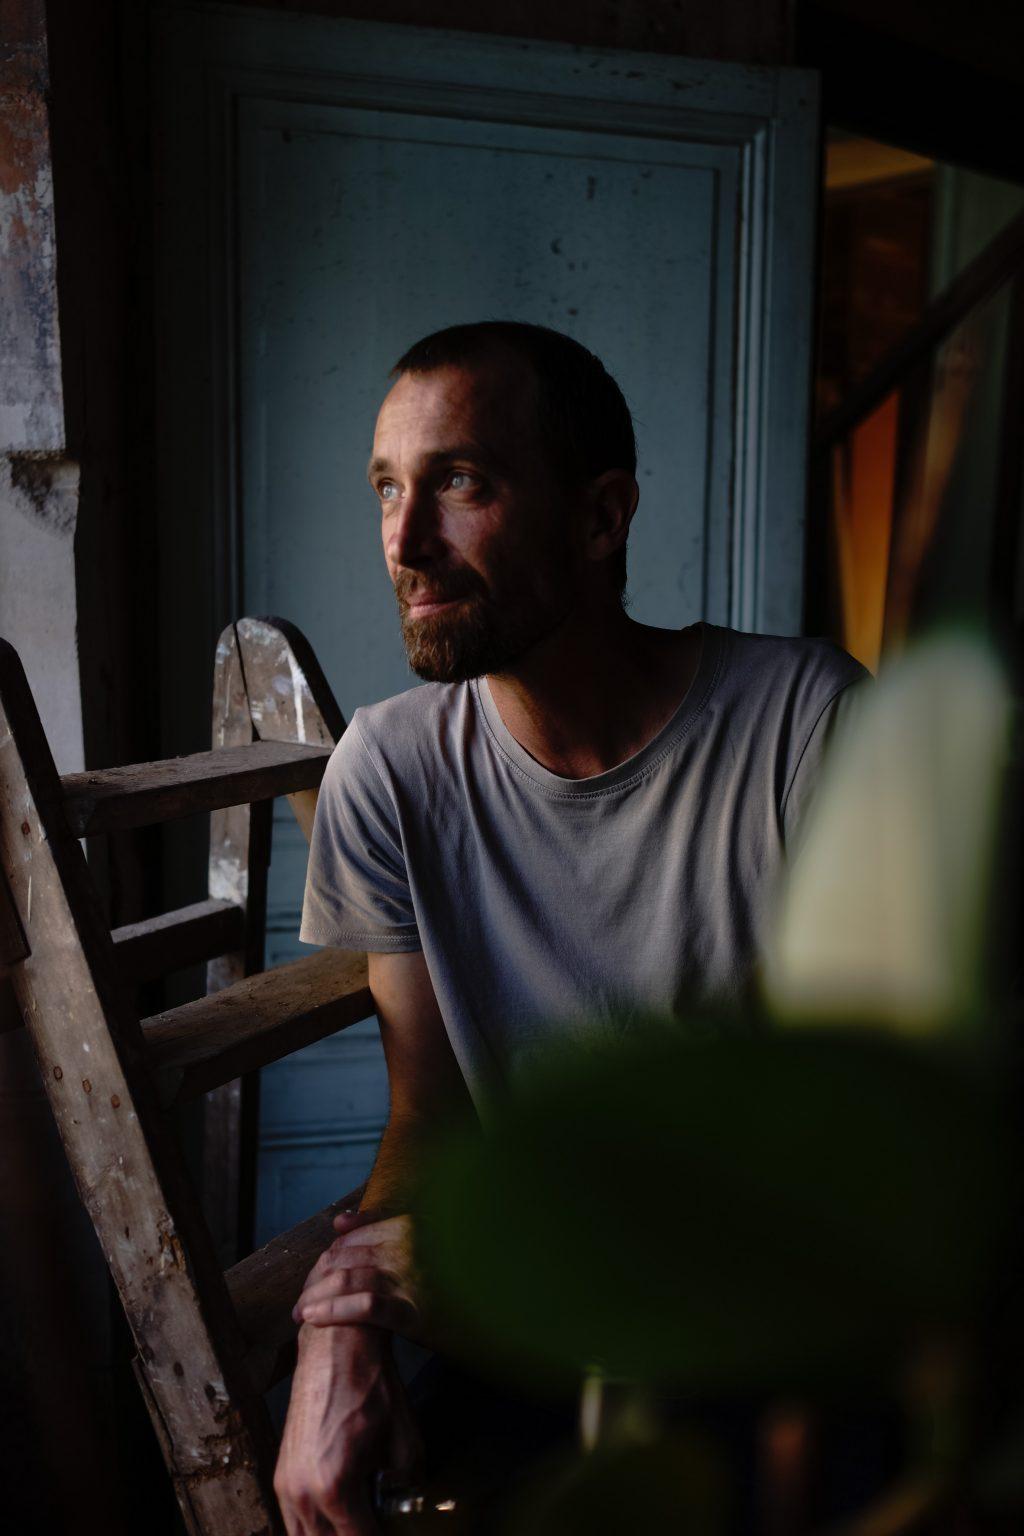 Tercé, France, August 2019 - Portrait of Tristan Plot. ><  Tercé, Francia, agosto 2019 - Ritratto di Tristan Plot.*** SPECIAL   FEE   APPLIES ***